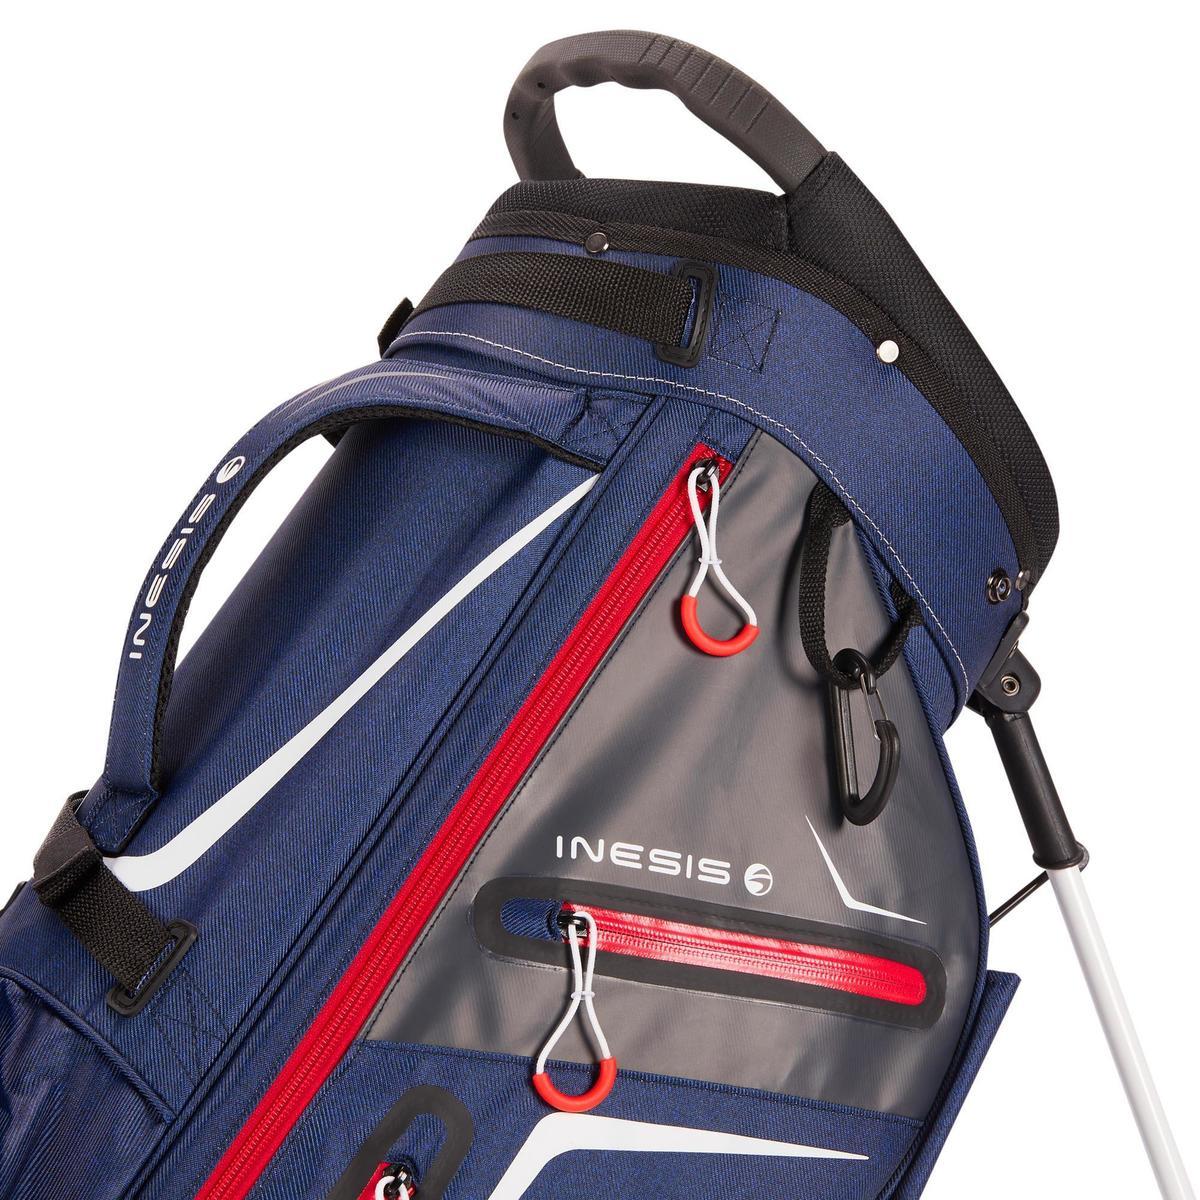 Bild 3 von Golf Standbag Light